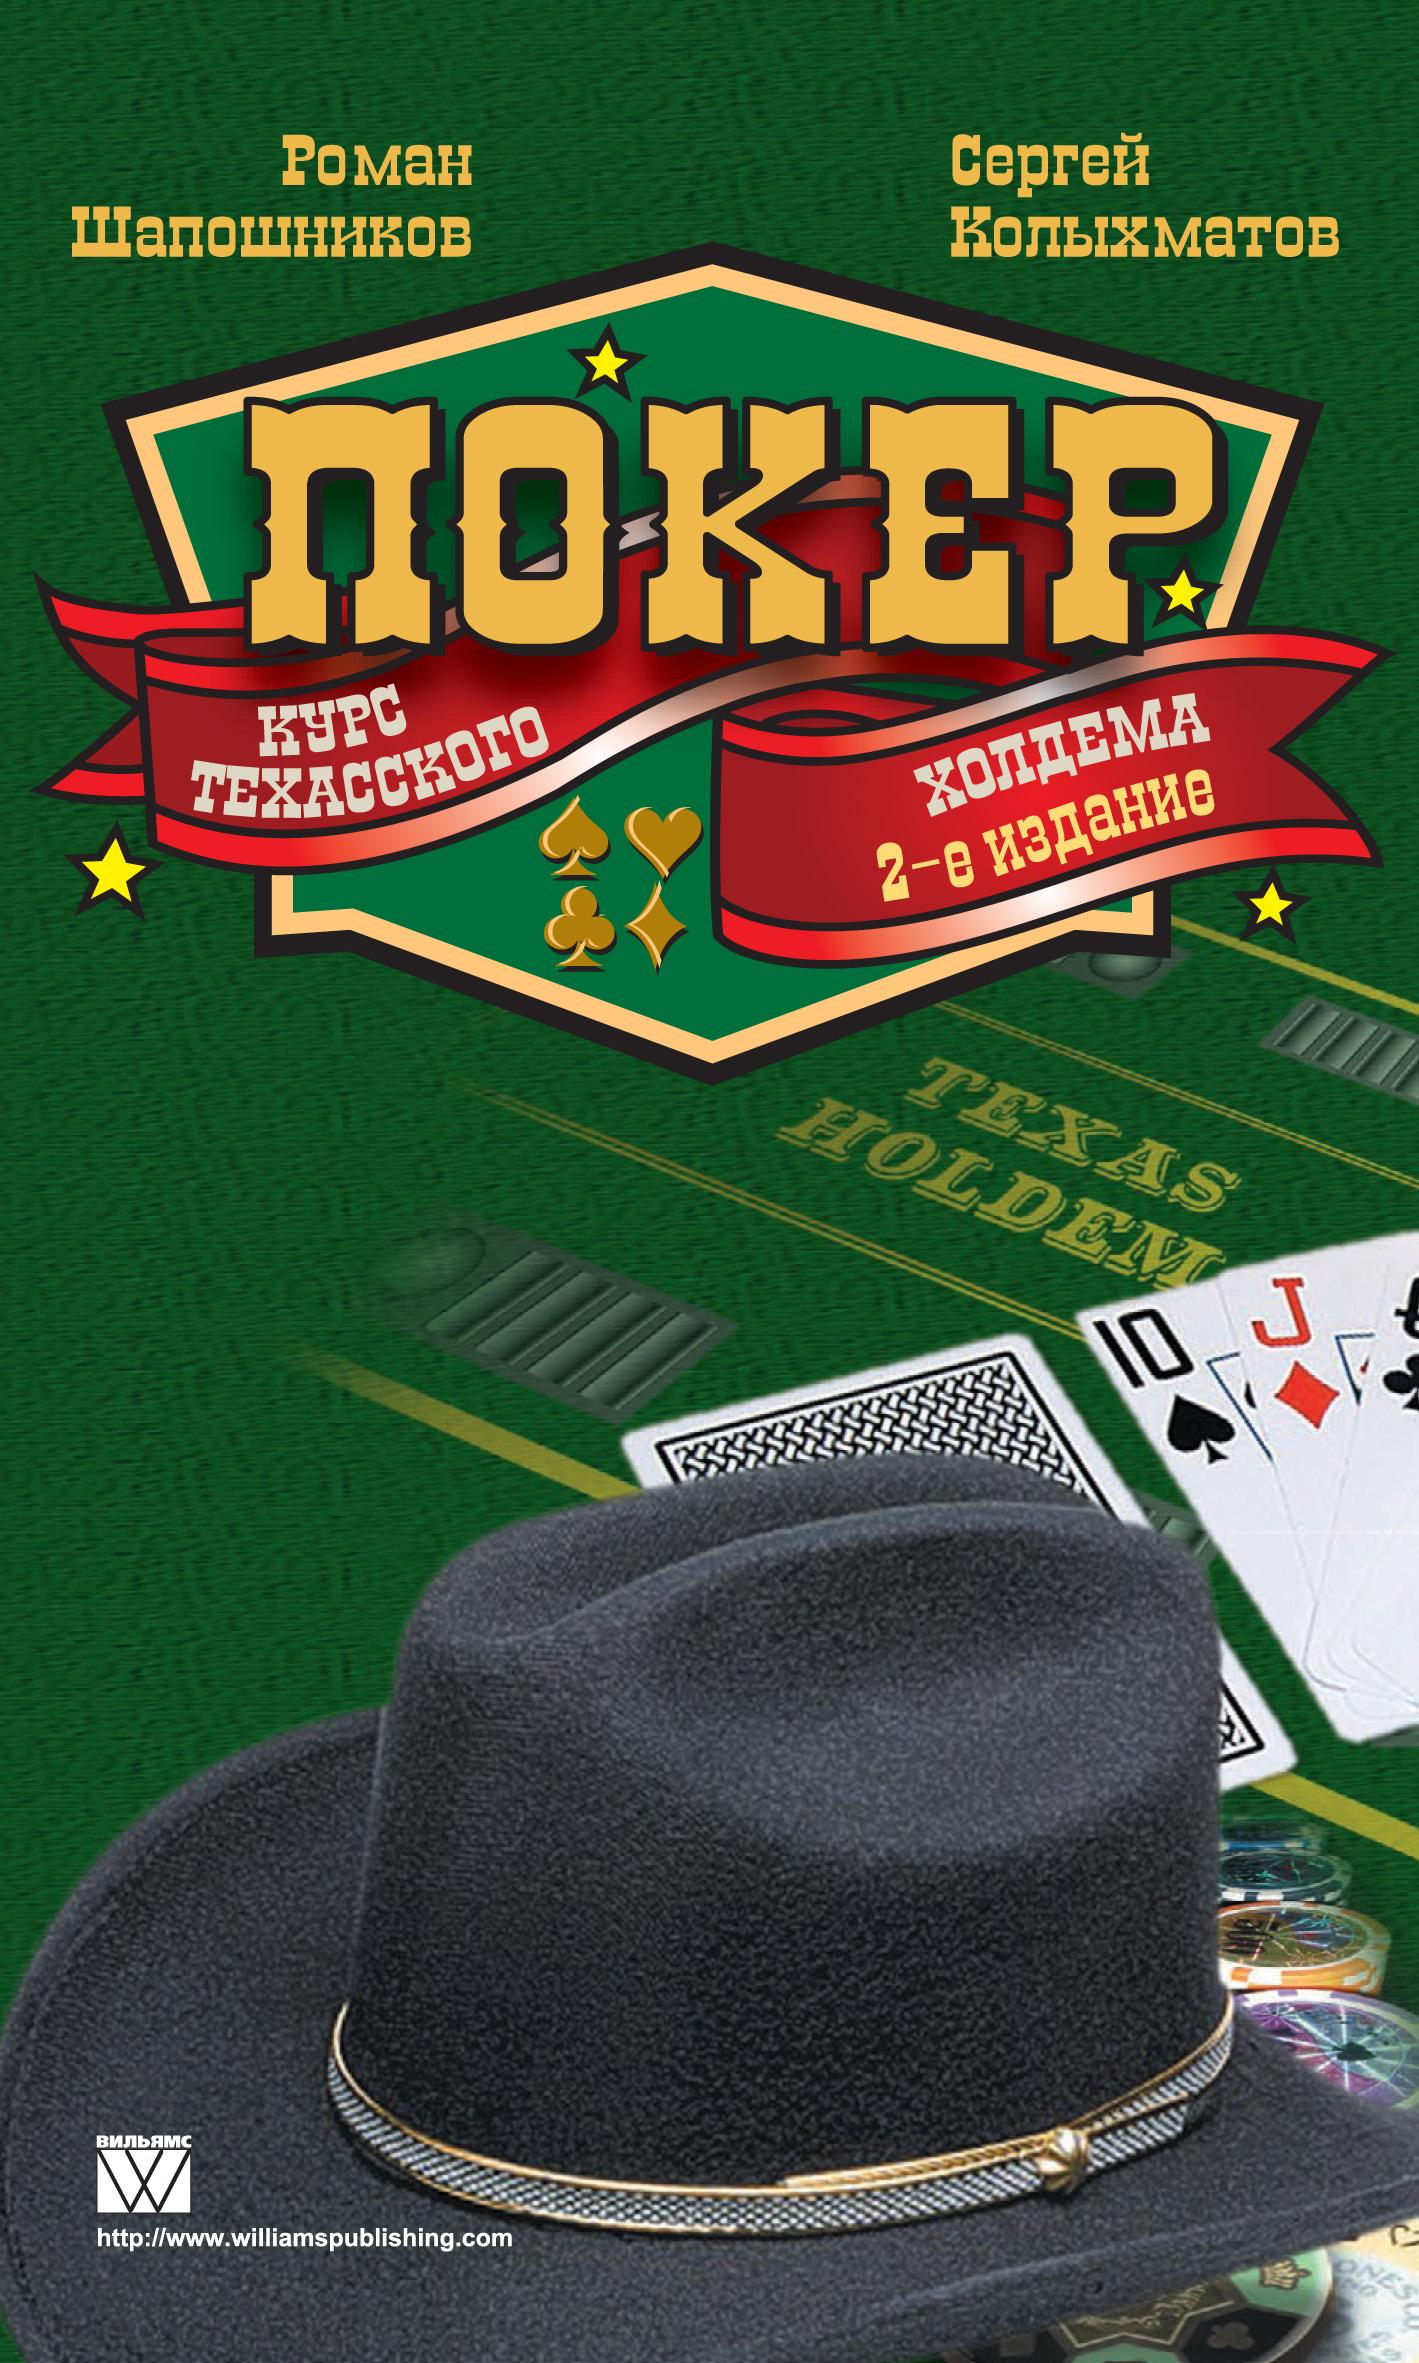 Покер. Курс техасского холдема фото